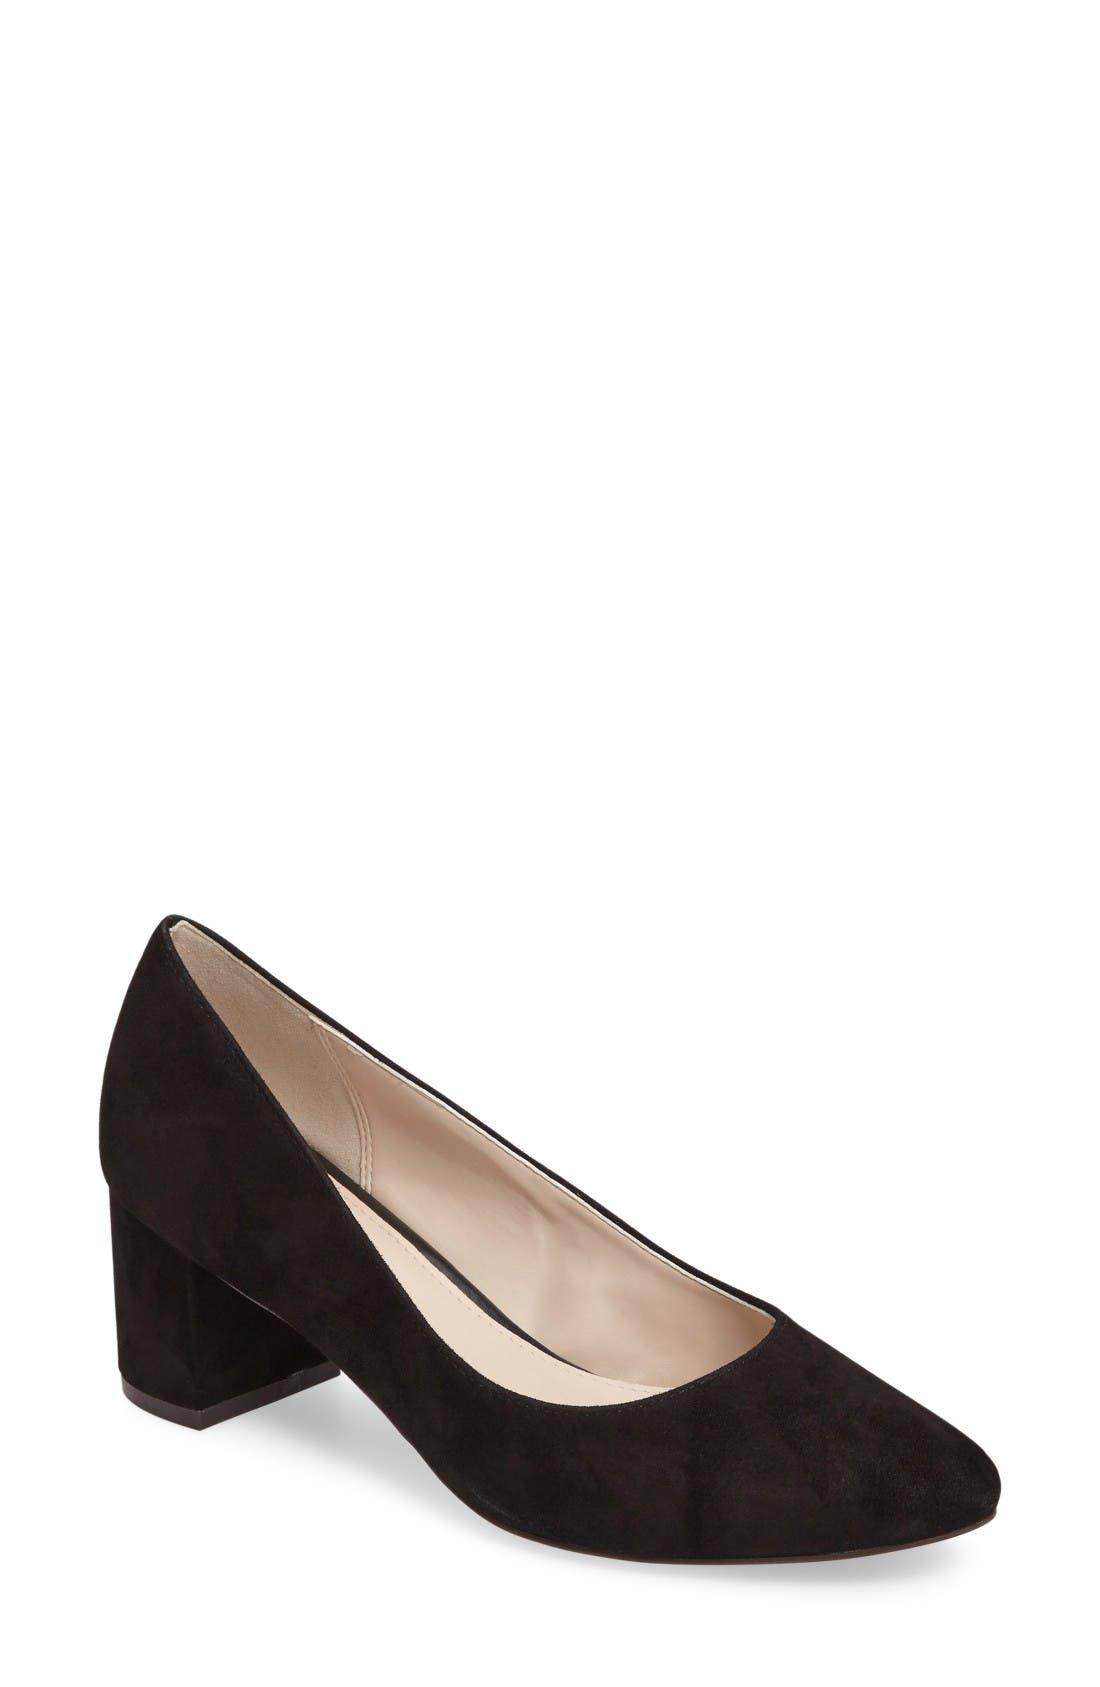 Justine Block Heel Pump,                         Main,                         color, Black Suede